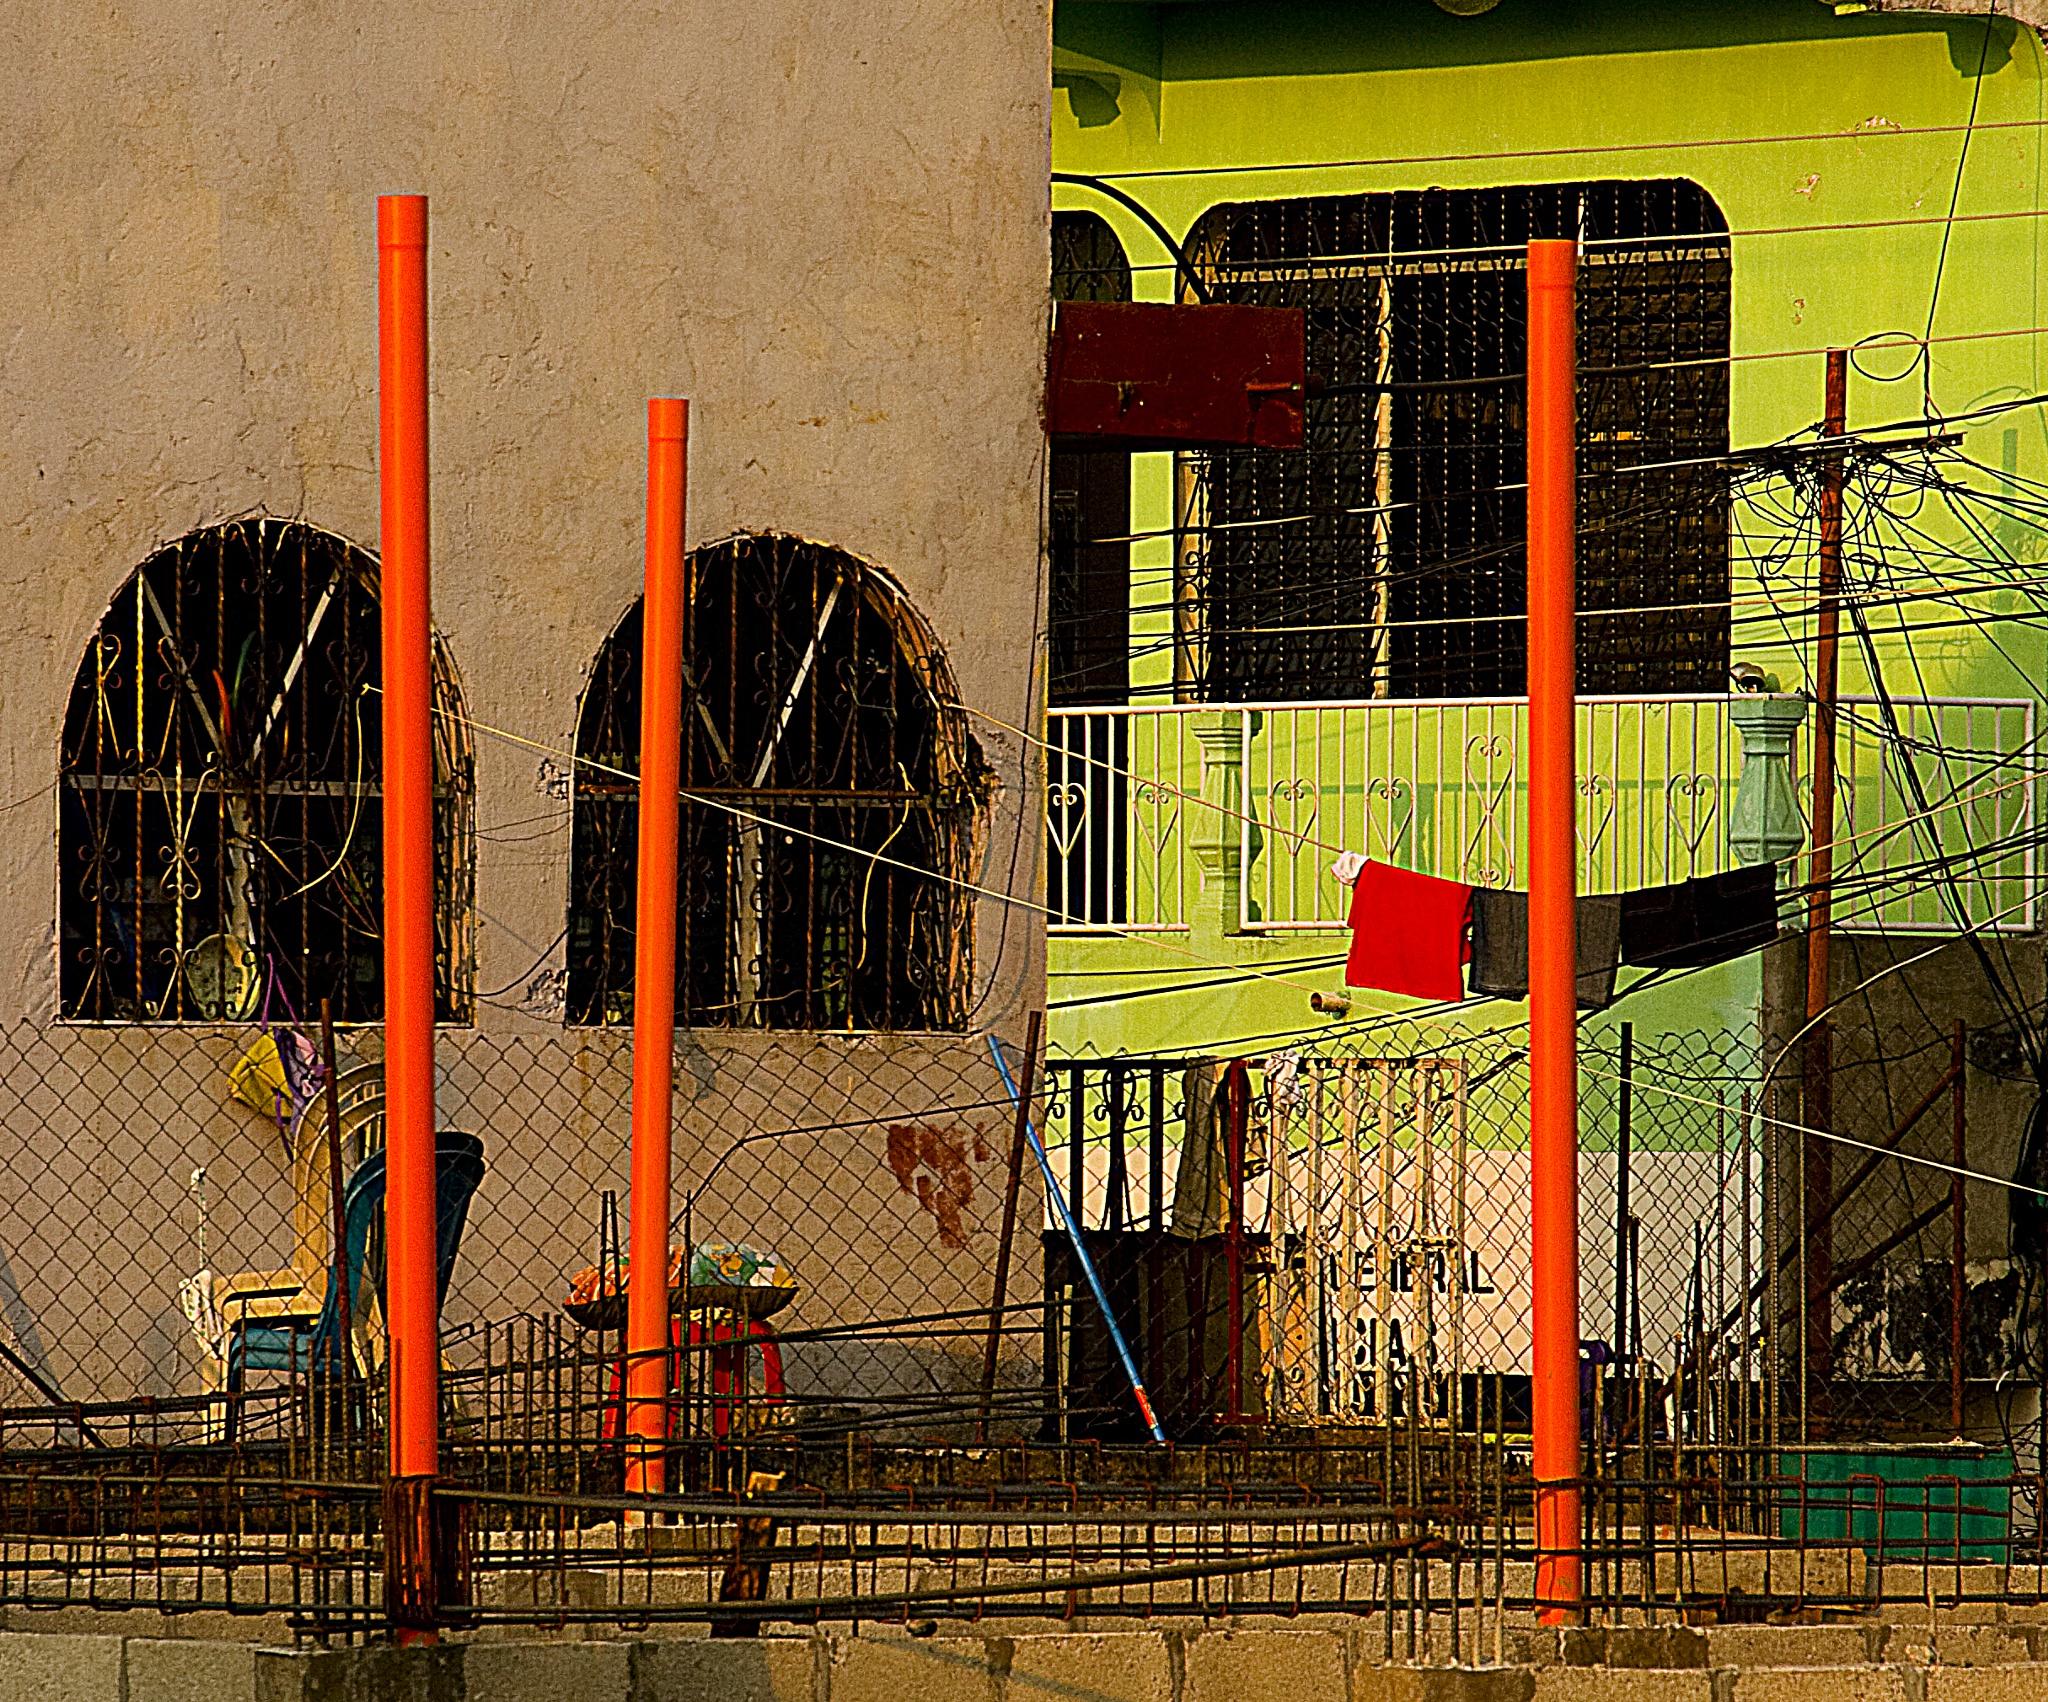 The Neighborhood by Leroy